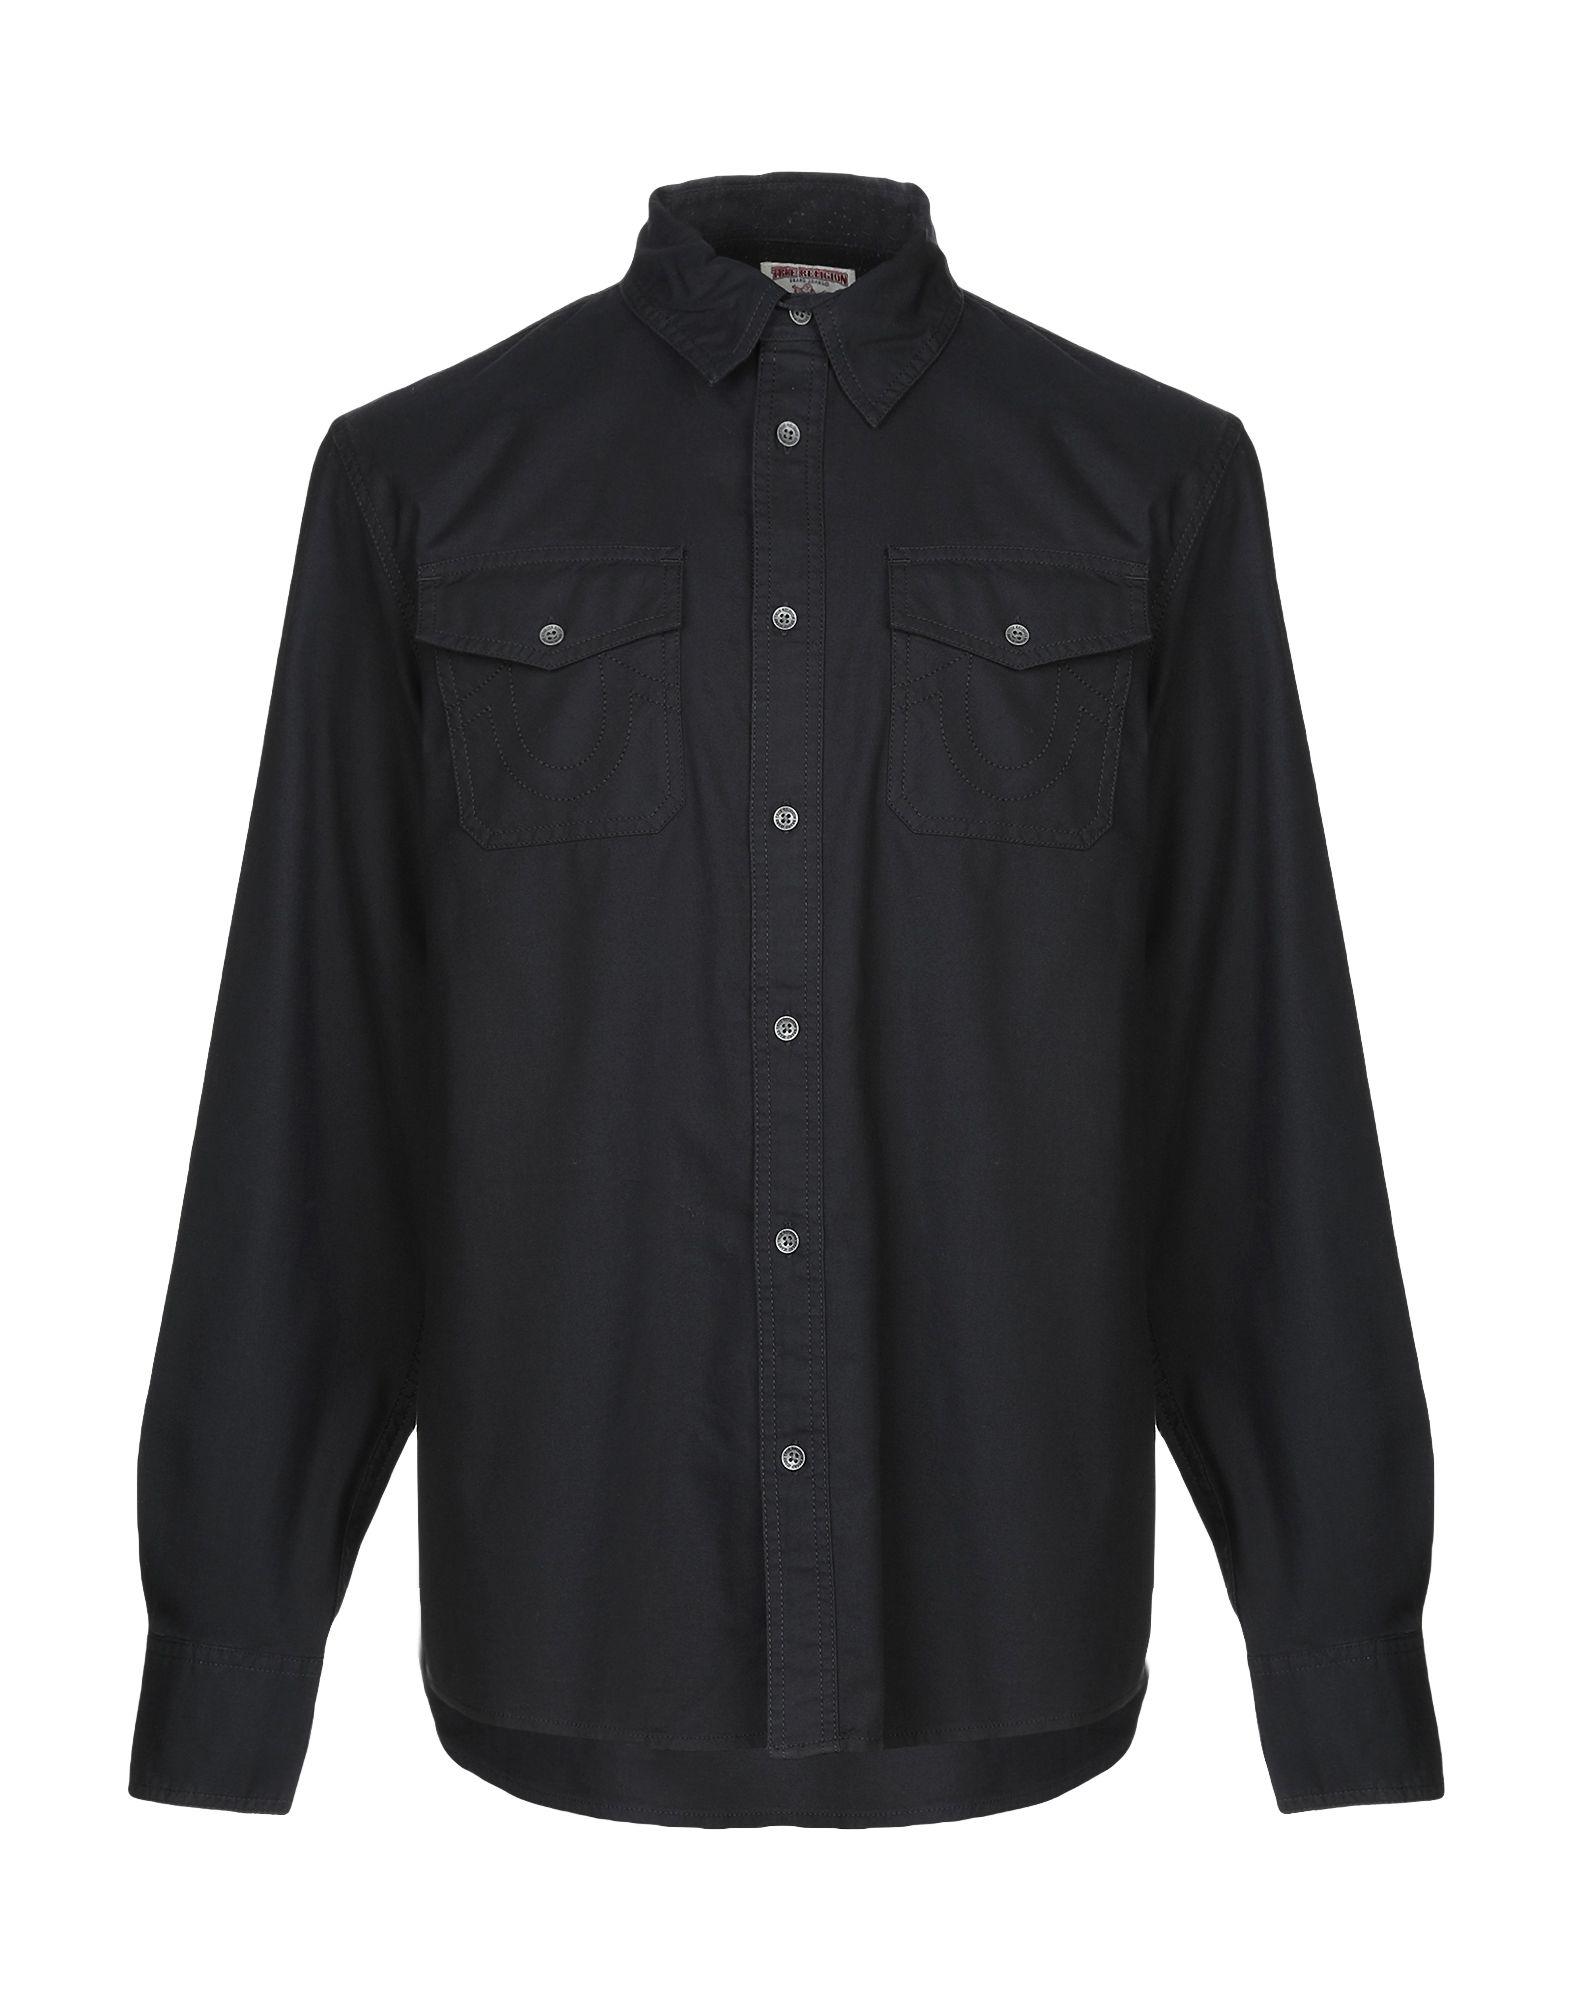 《送料無料》TRUE RELIGION メンズ シャツ ブラック S コットン 100%